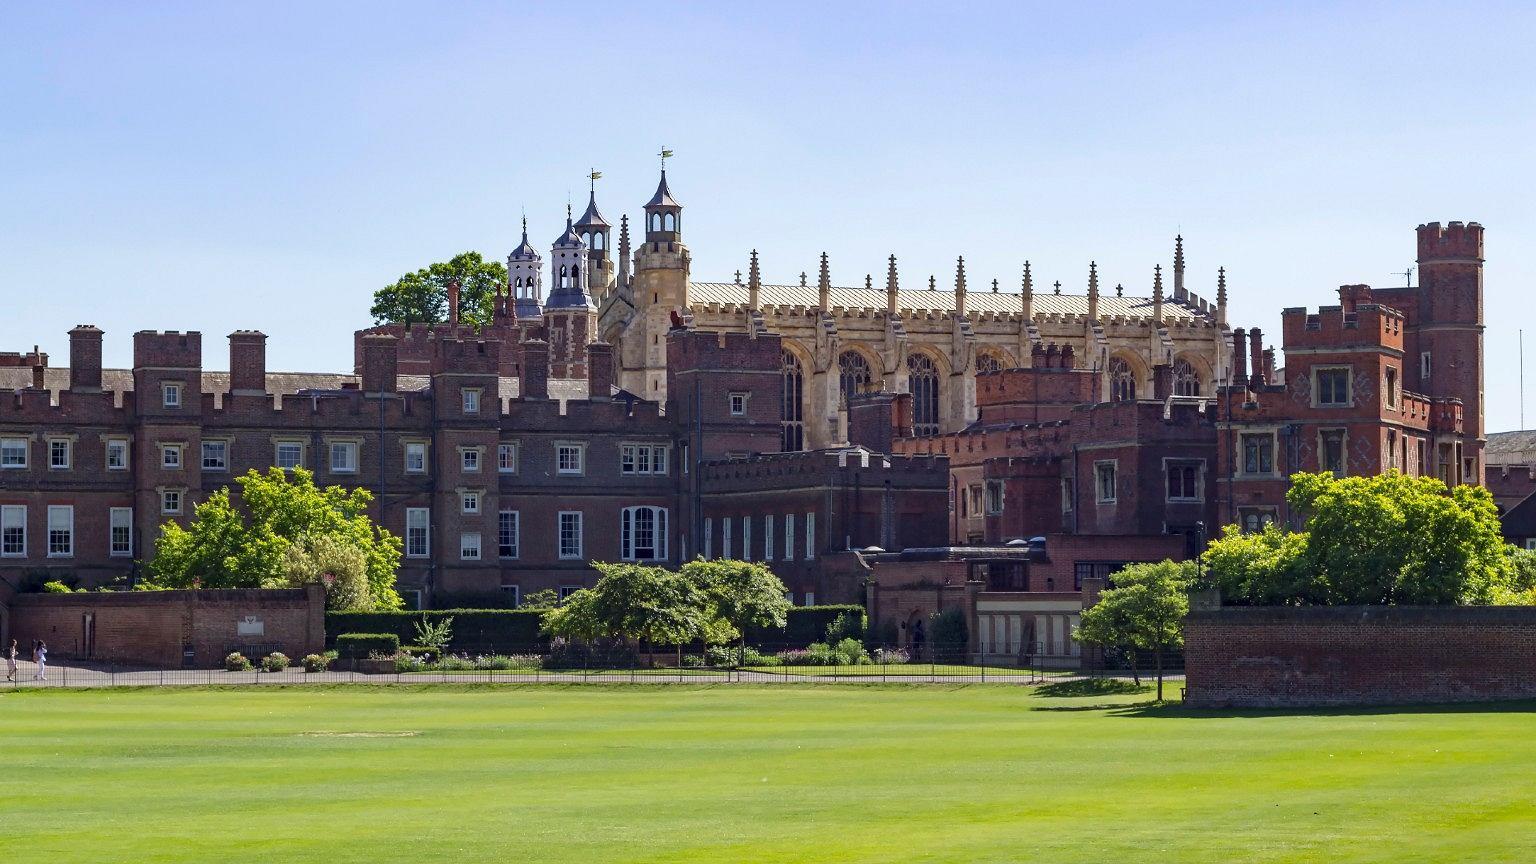 Eton College - jedna z najbardziej prestiżowych szkół z internatem. Uczyli się w niej: Alex Renton, Boris Johnson, George Orwell, Aldous Huxley